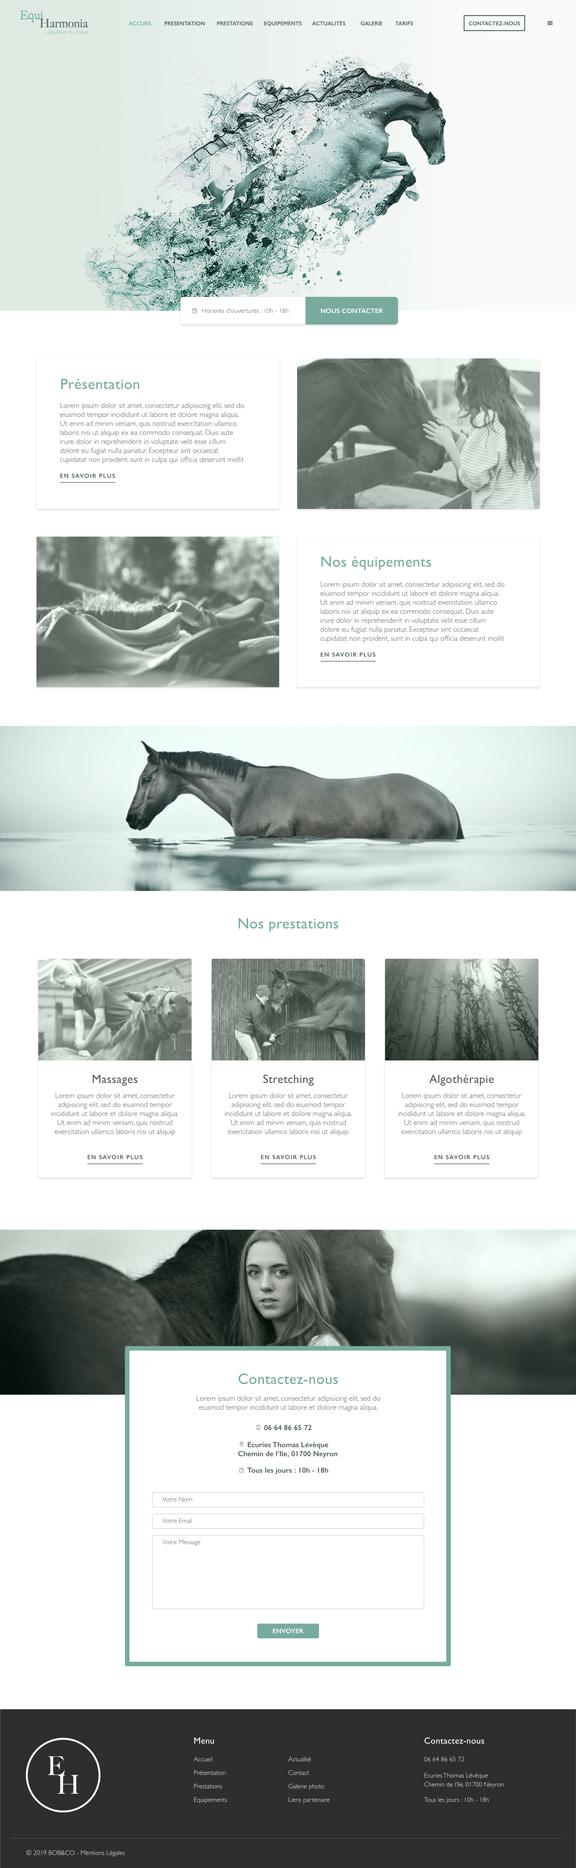 EquiHarmonia Un site développé par BobandCo